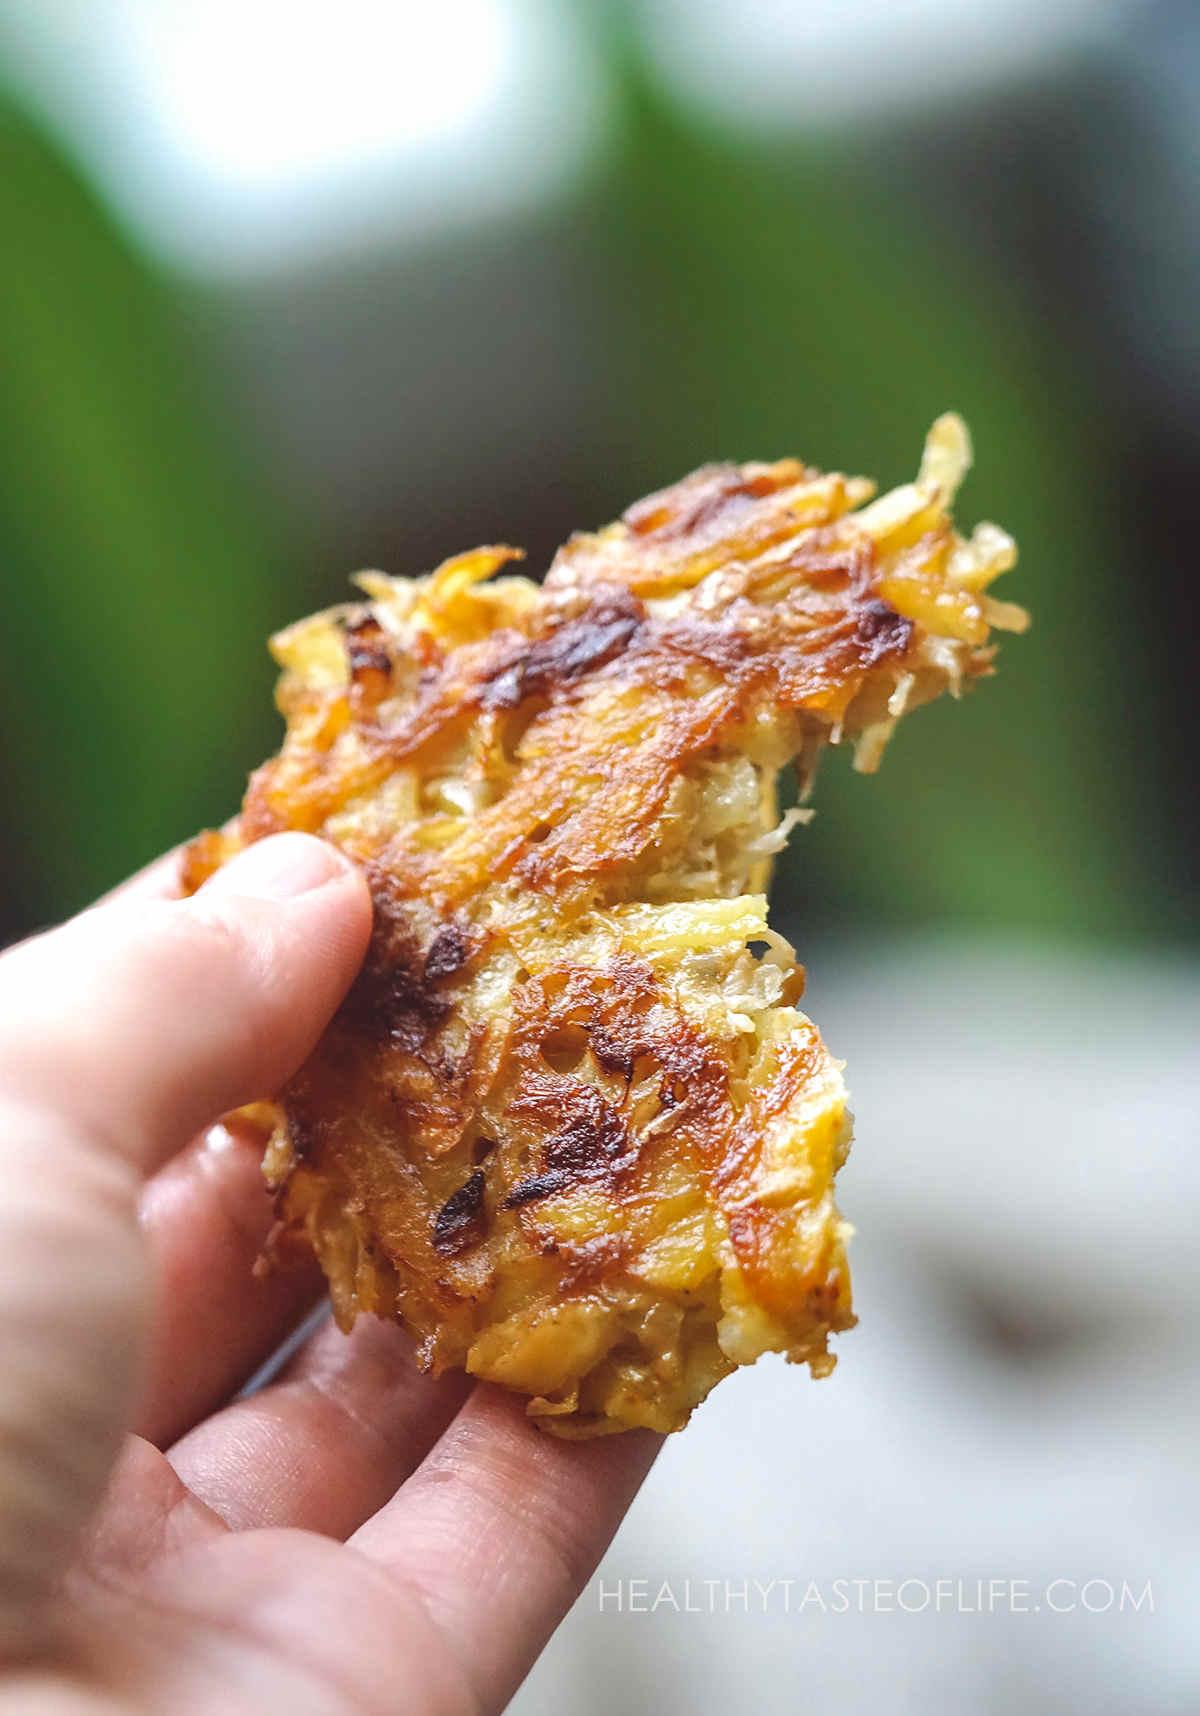 Bitten potato fritter held in a hand.